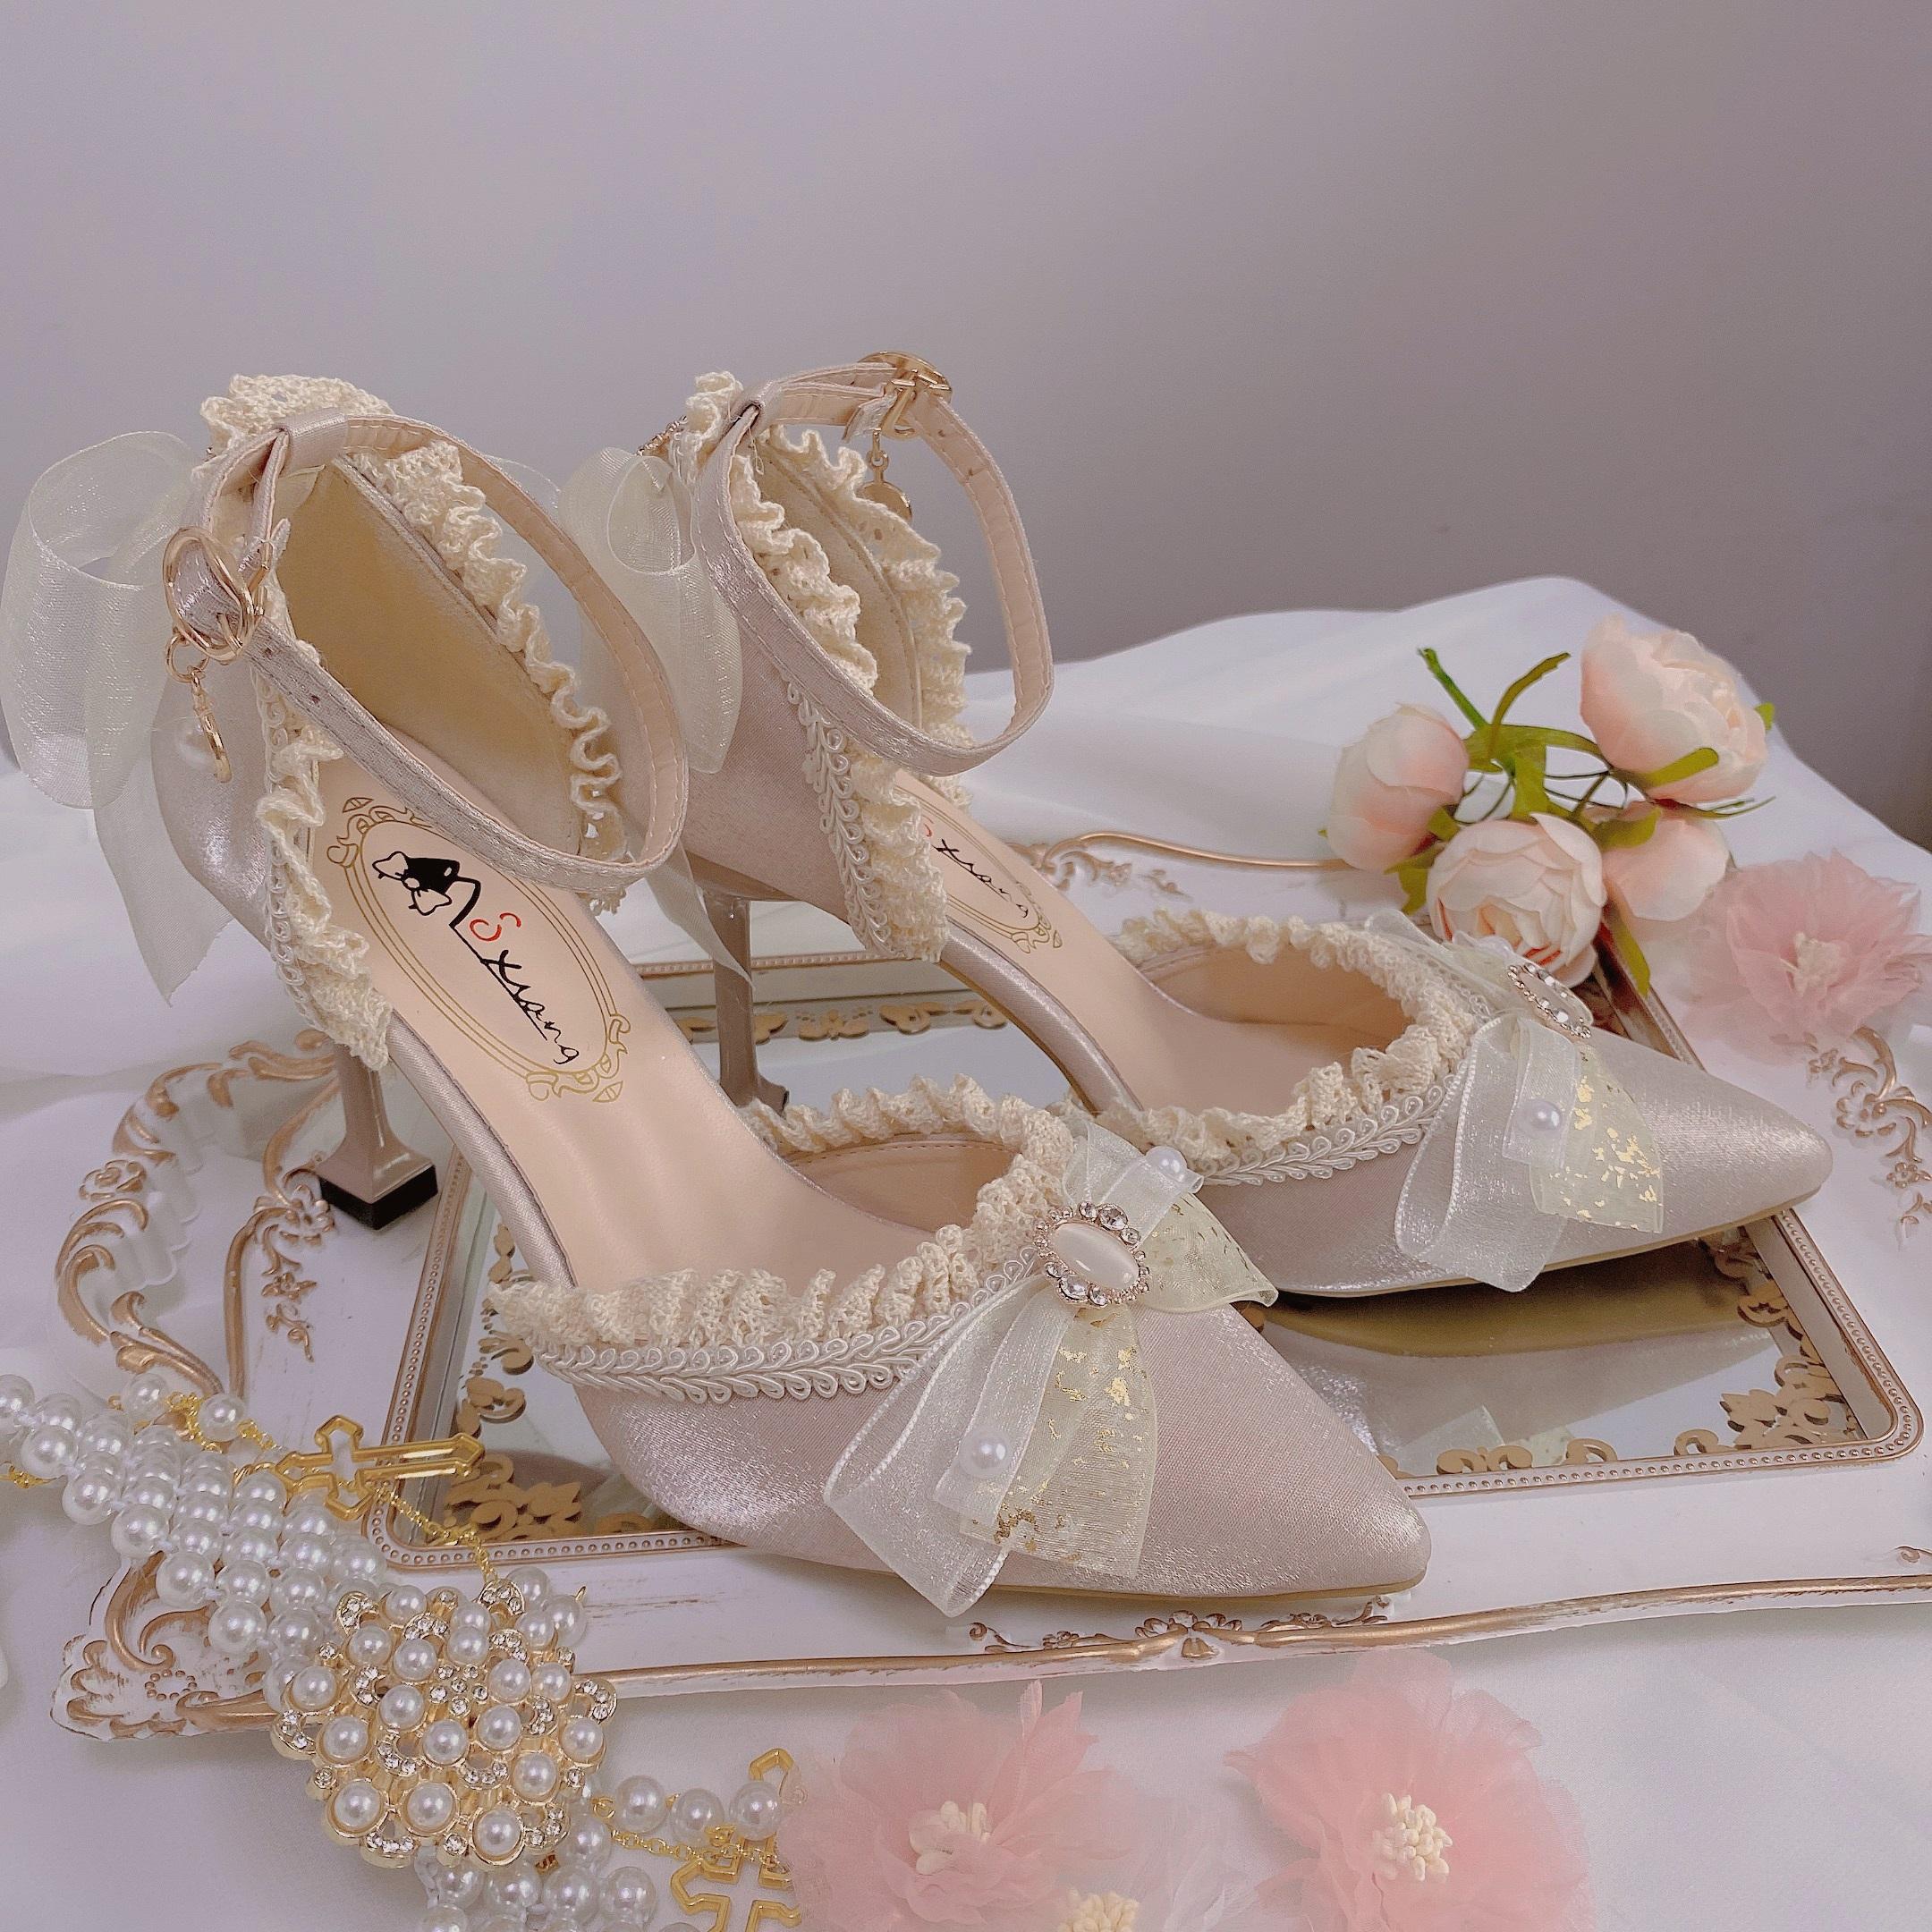 少女心手作香槟色米色高跟鞋摘星魔法野天鹅油画柄尖头鞋详细照片